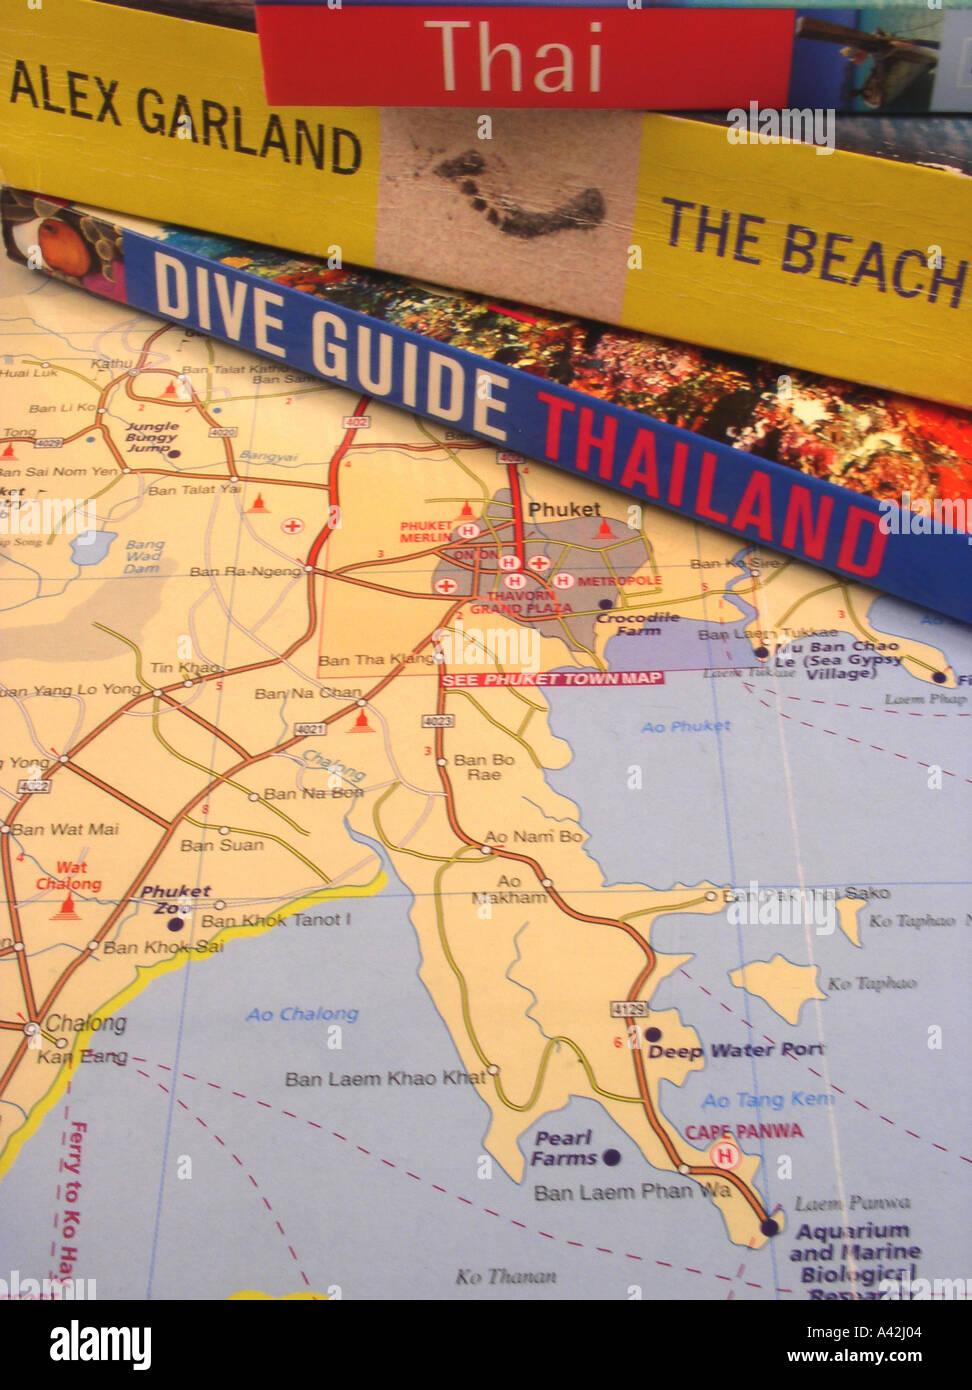 Thailand Inseln Karte.Rough Guide Thailand Inseln Und Strände Alex Garland Roman The Beach